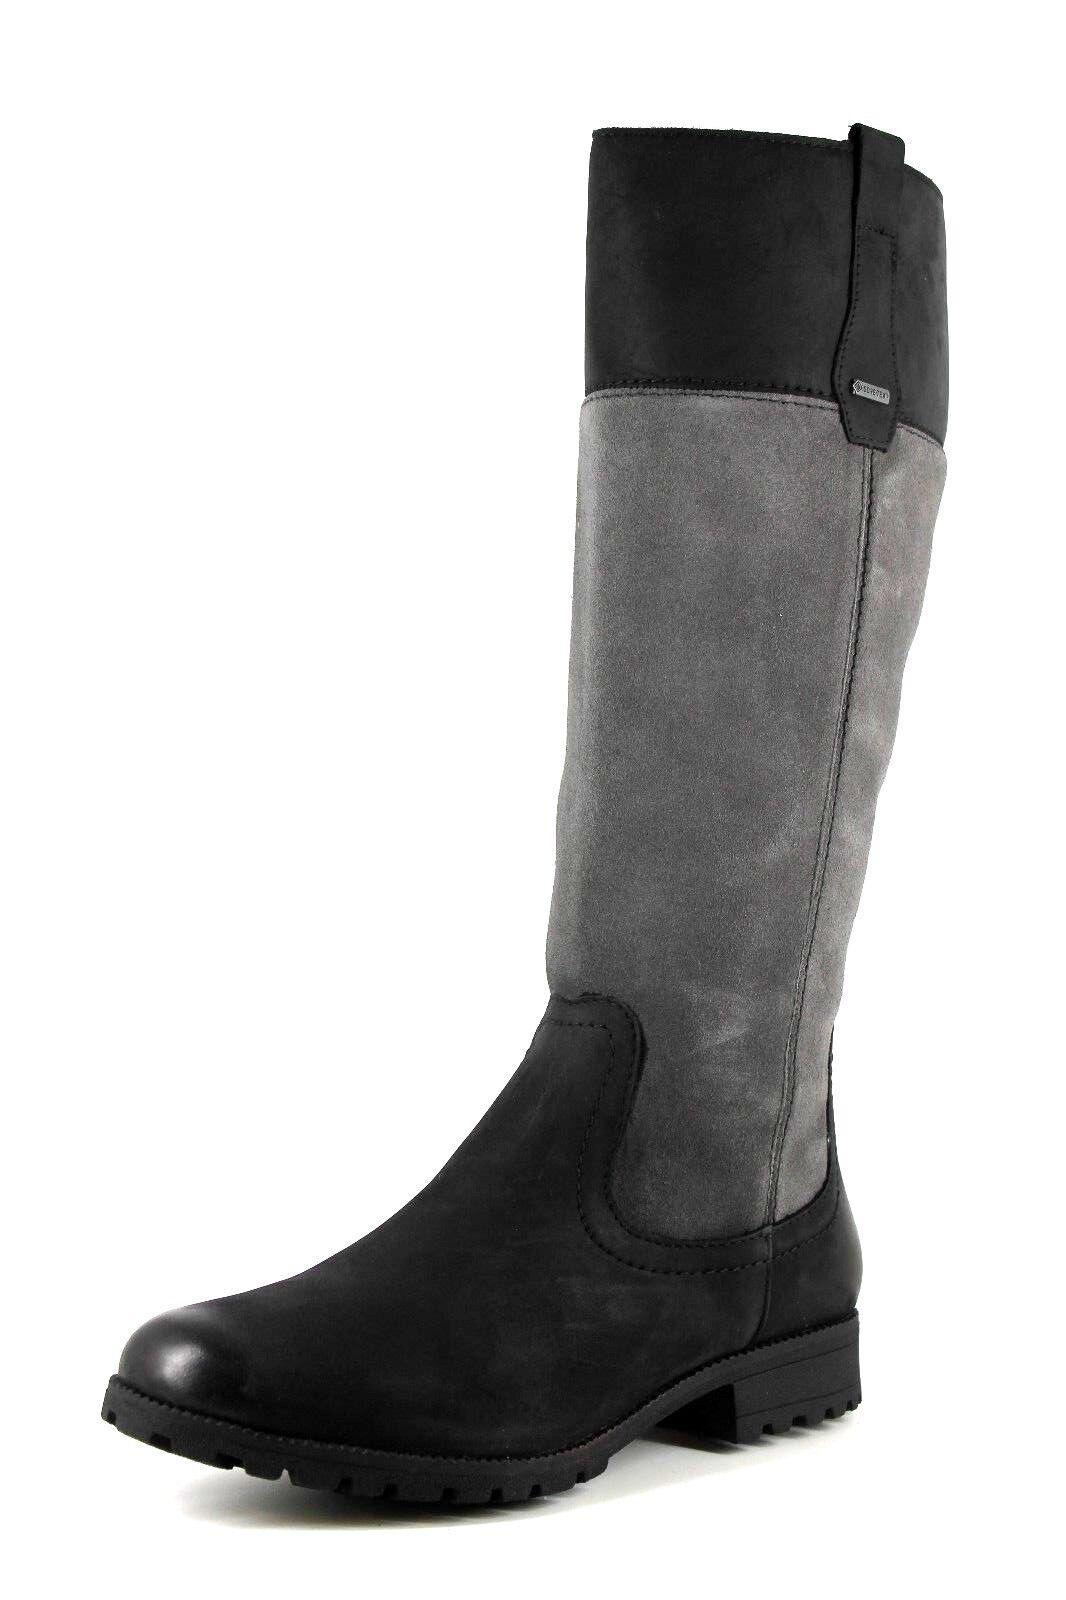 Hotter Marlowe GTX ? ? ? GORE-TEX pour femme GRIS NOIR hautes bottes hautes | Digne  daf245